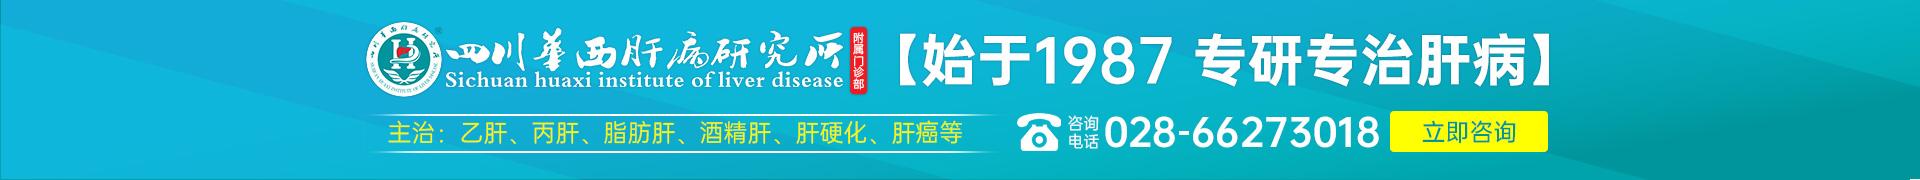 顶部banner广告图